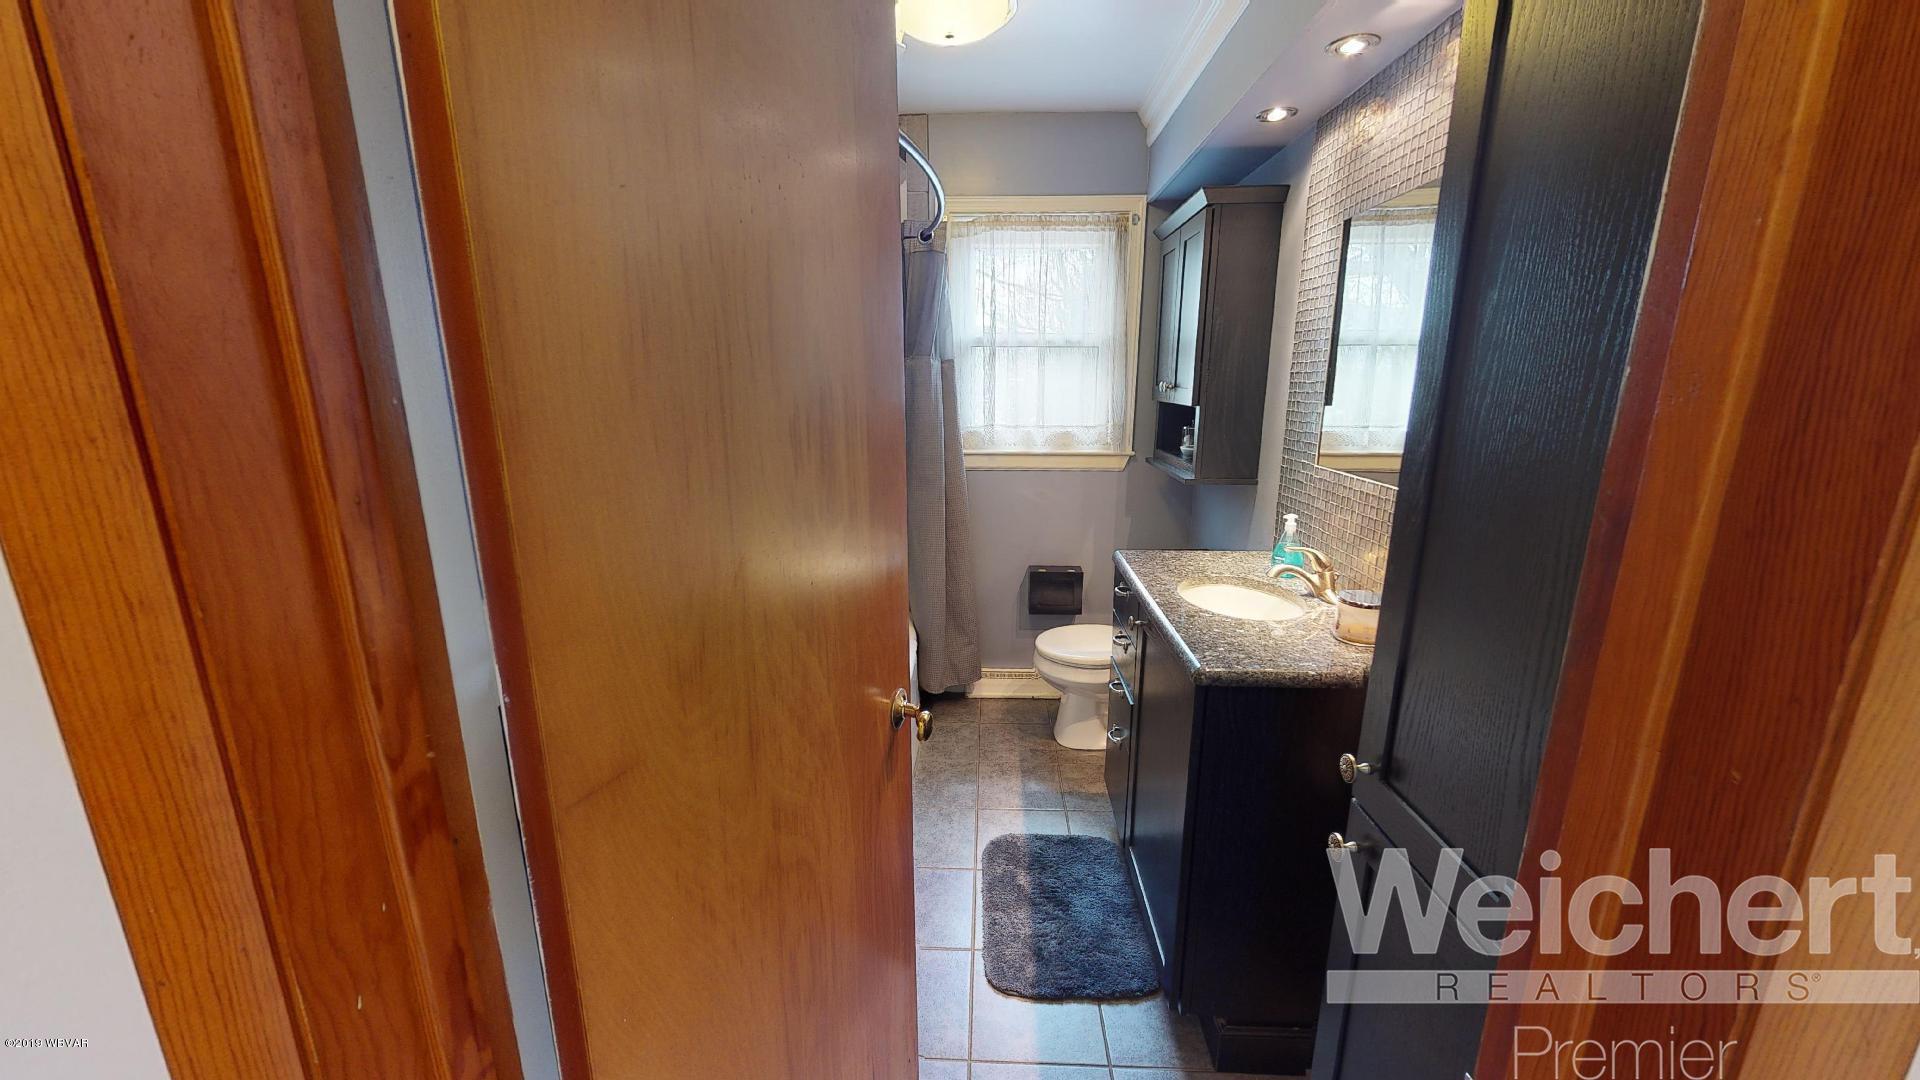 1155 LOUISA STREET,Williamsport,PA 17701,3 Bedrooms Bedrooms,1 BathroomBathrooms,Residential,LOUISA,WB-86989